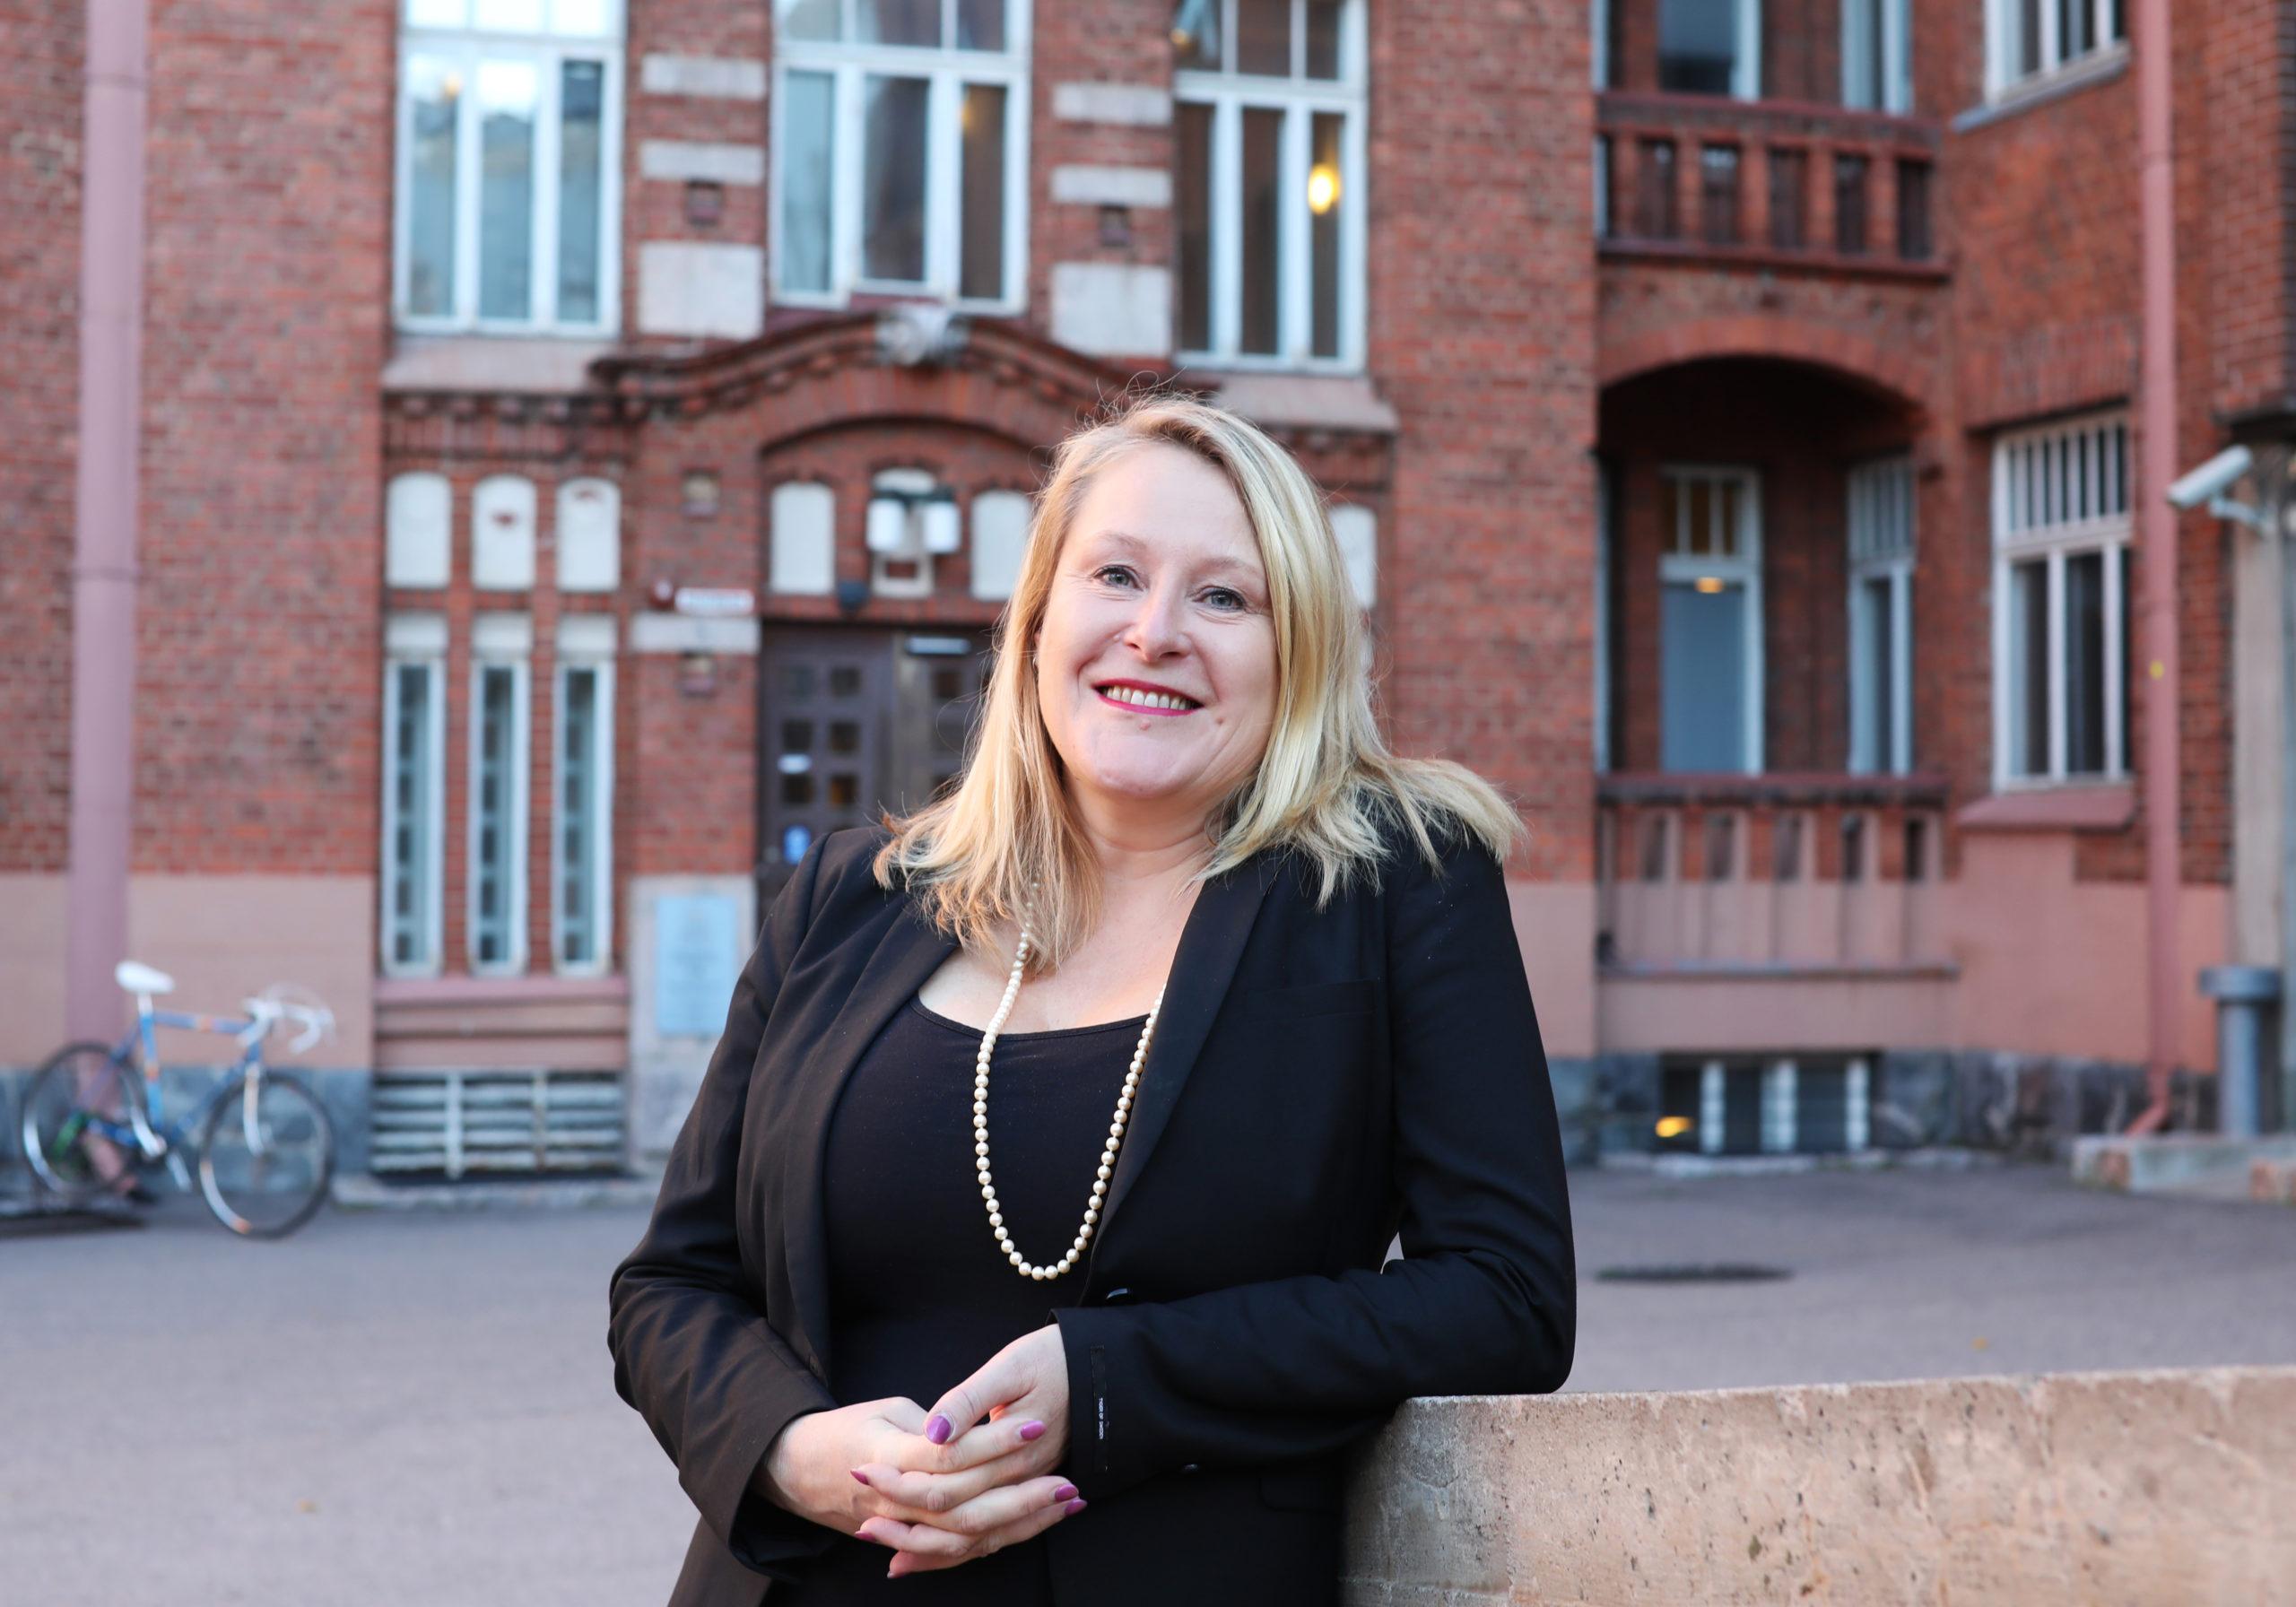 Suomalaiset tarvitsisivat nykyistä enemmän kansalaistaitoja arkipäivän rasismiin  puuttumiseksi, sanoo professori Reetta Toivanen.